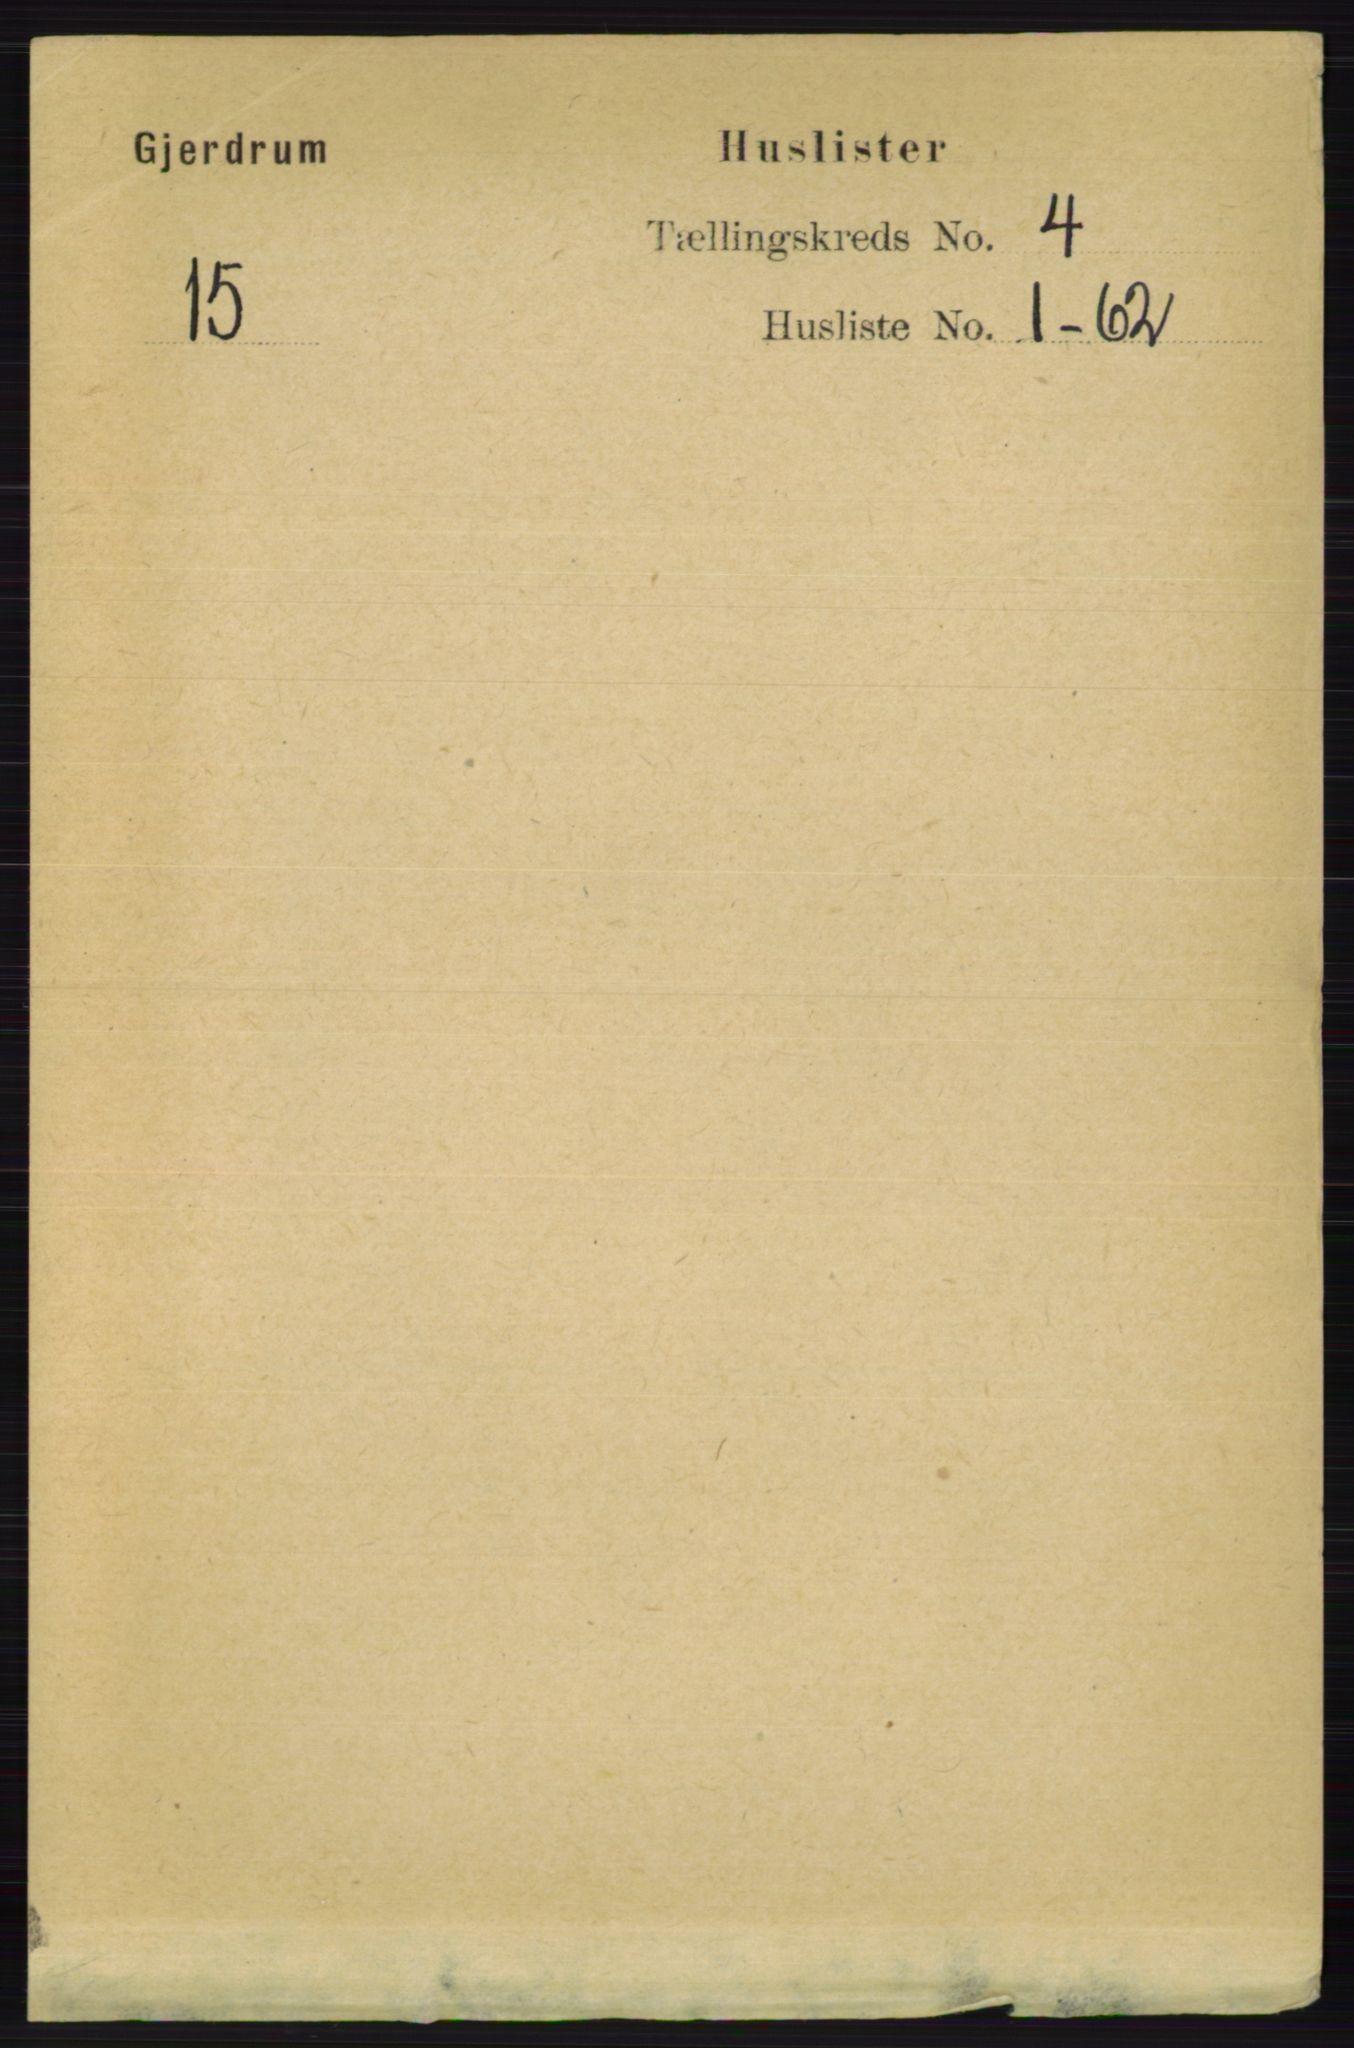 RA, Folketelling 1891 for 0234 Gjerdrum herred, 1891, s. 1749